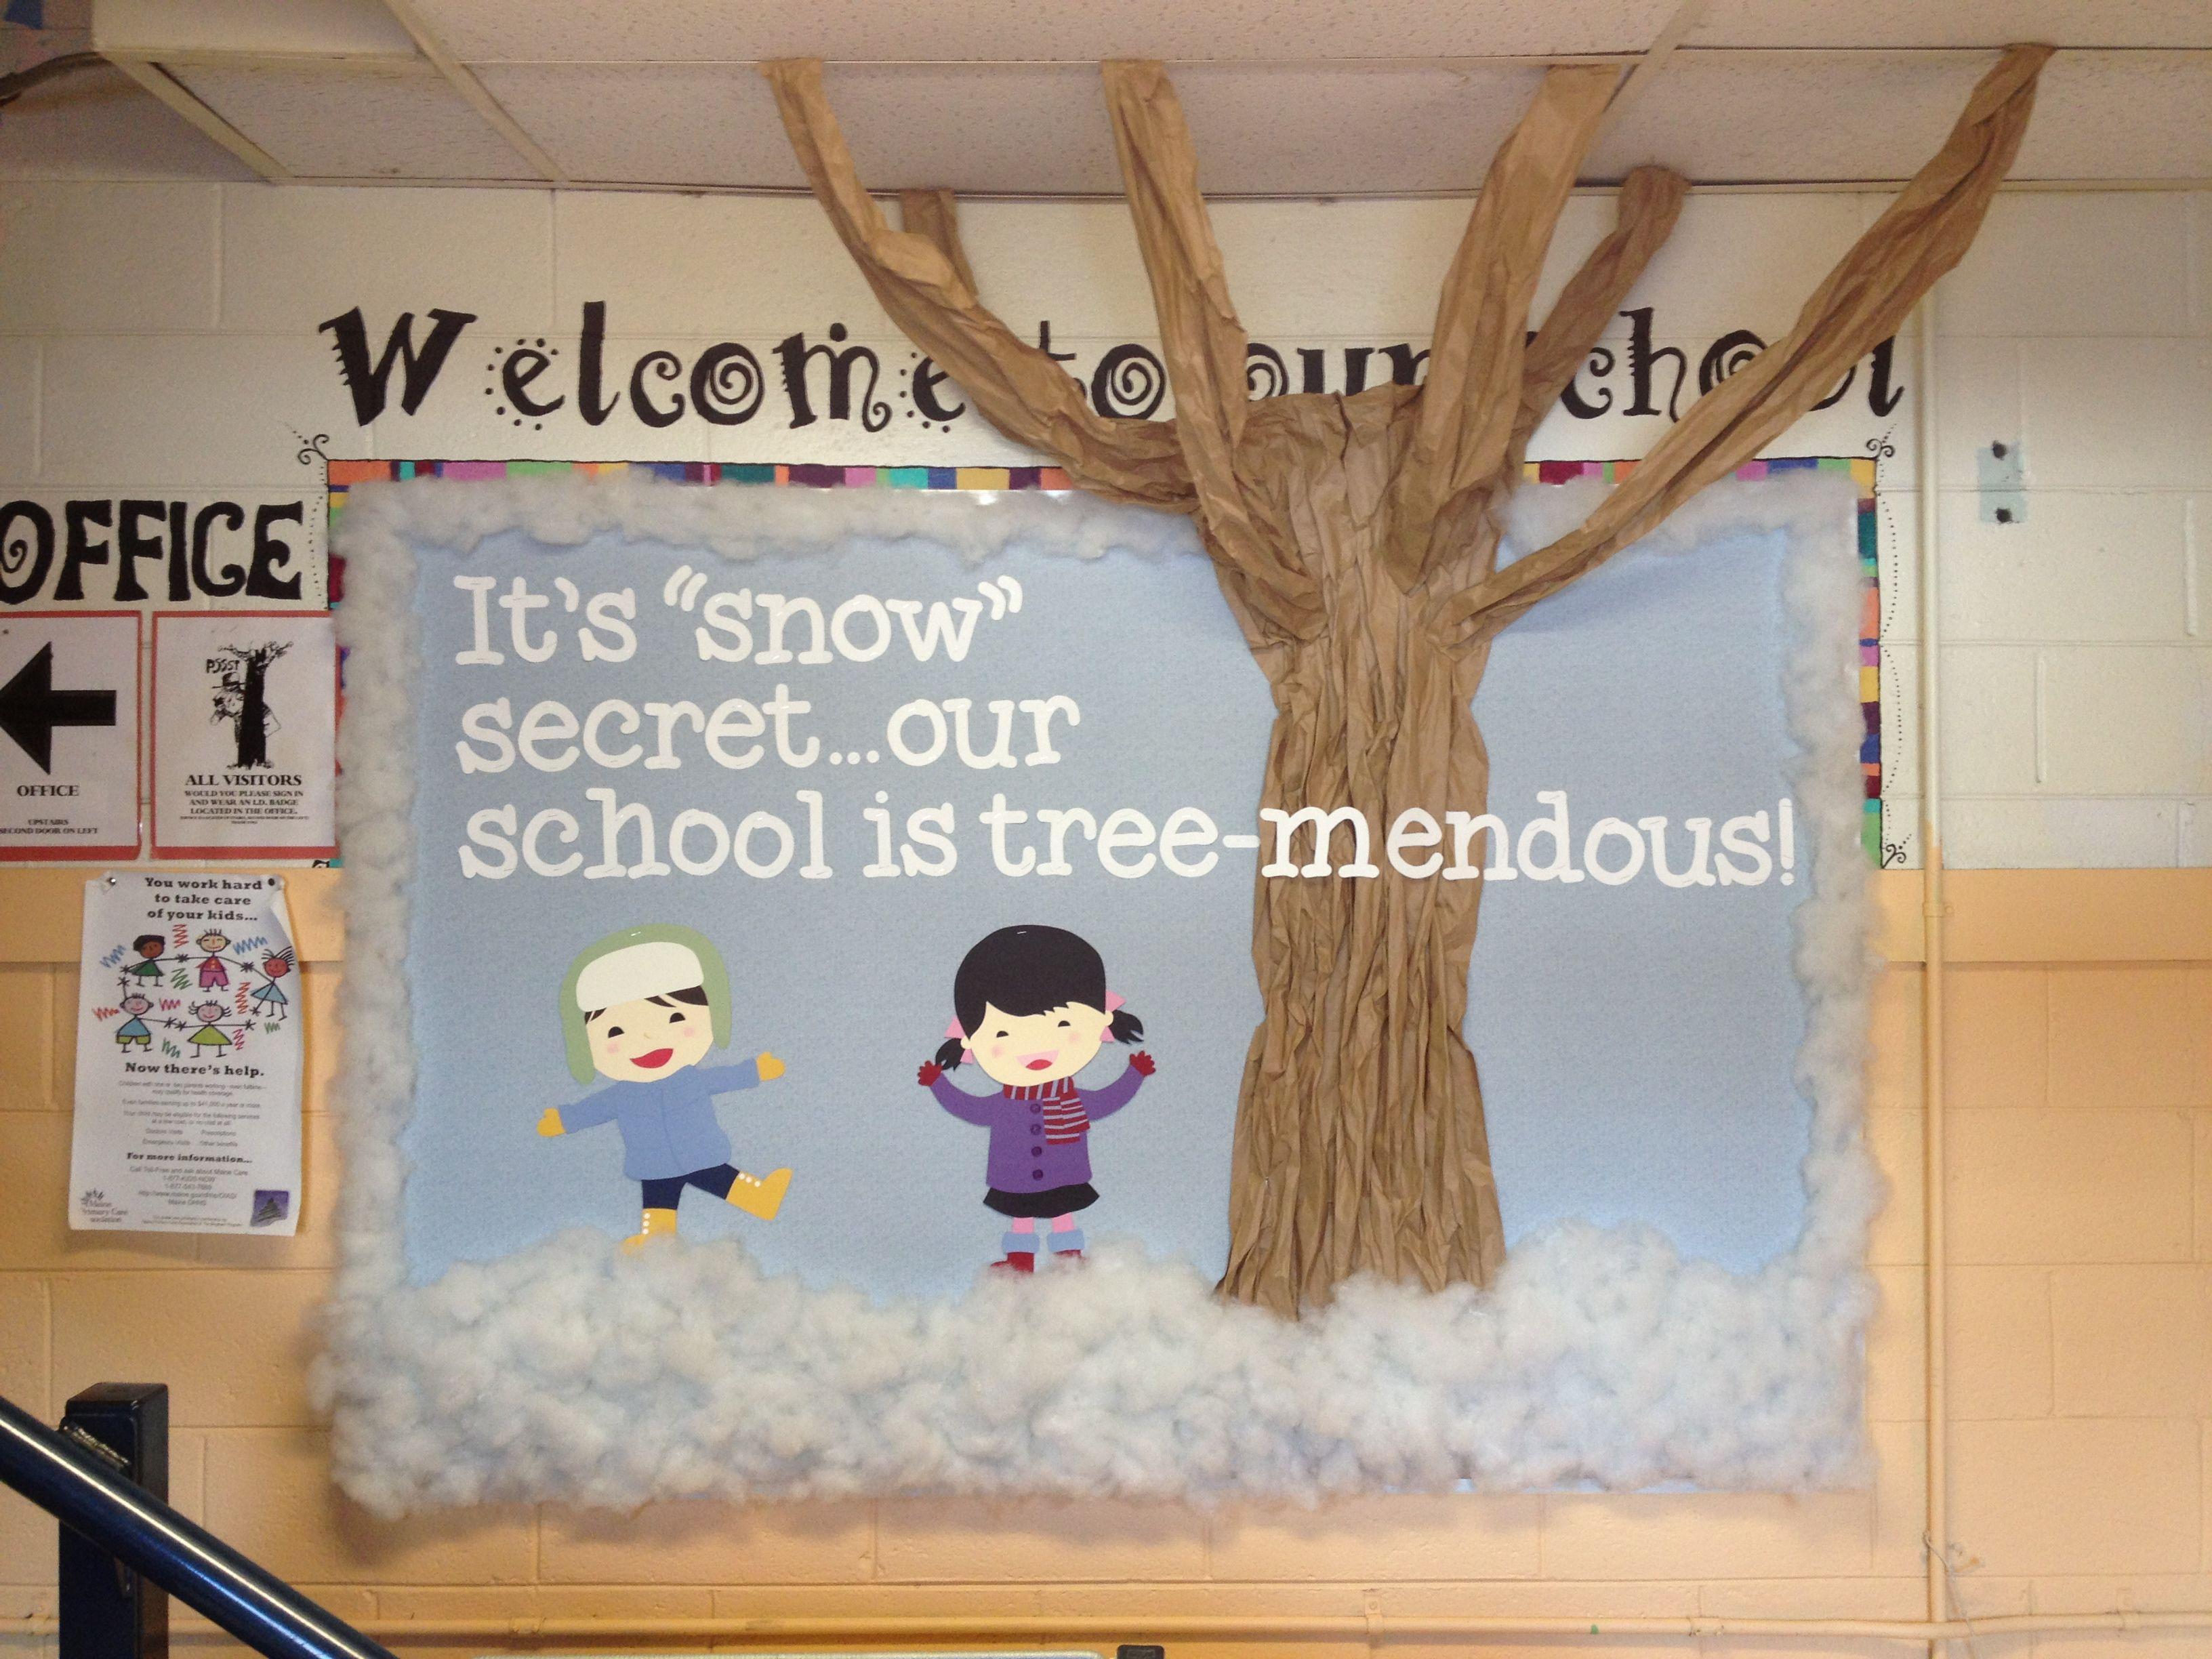 Winter bulletin boards ideas pinterest - Bulletin Board Winter Theme It S Snow Secret Our School Is Tree Mendous